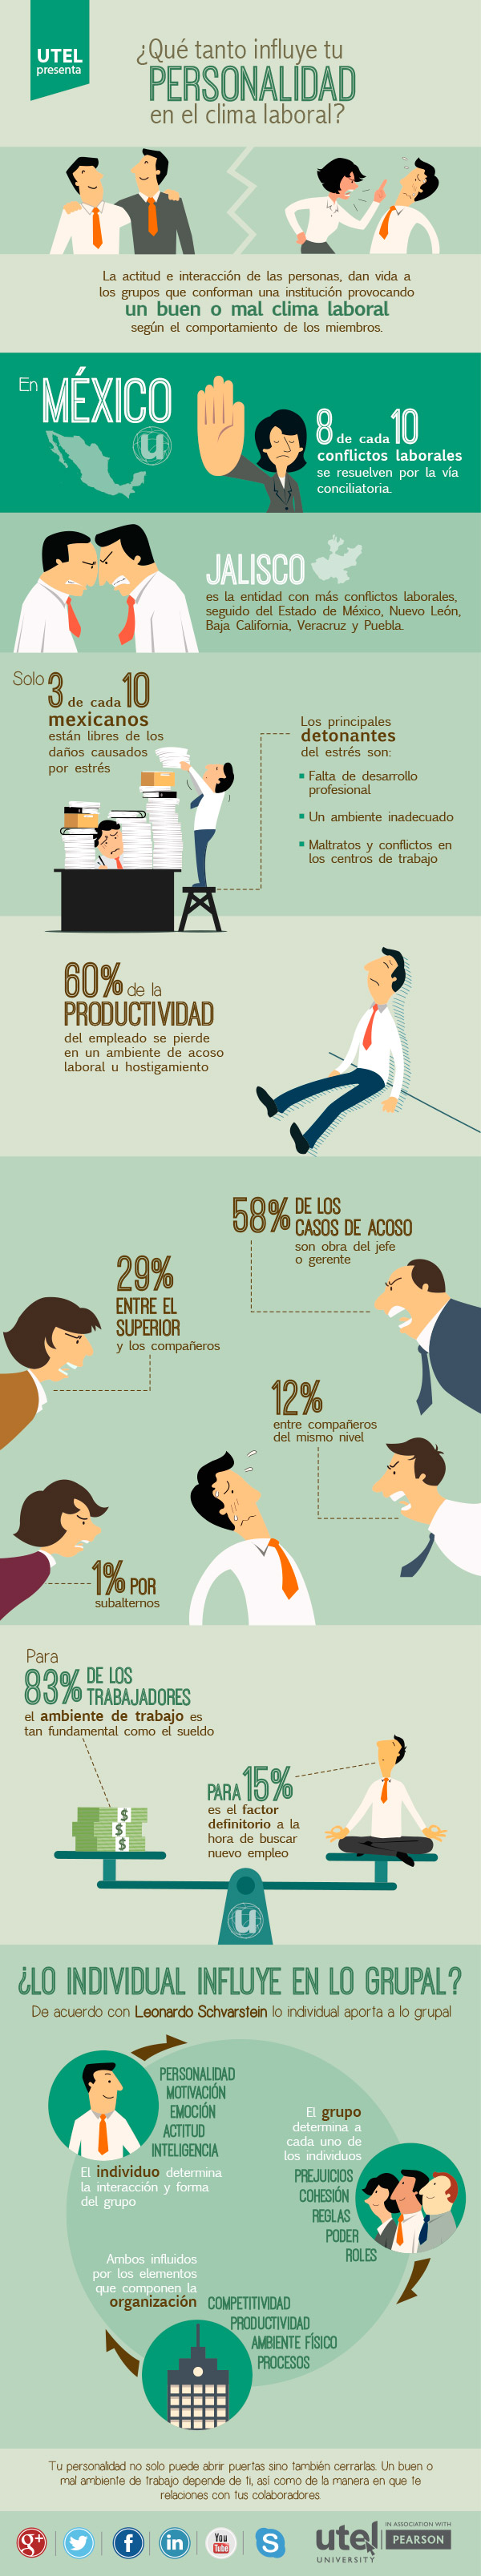 Tu personalidad no solo puede abrir puertas sino también cerrarlas. ¿Qué tanto influye tu actitud en el clima laboral? ¡Descúbrelo!